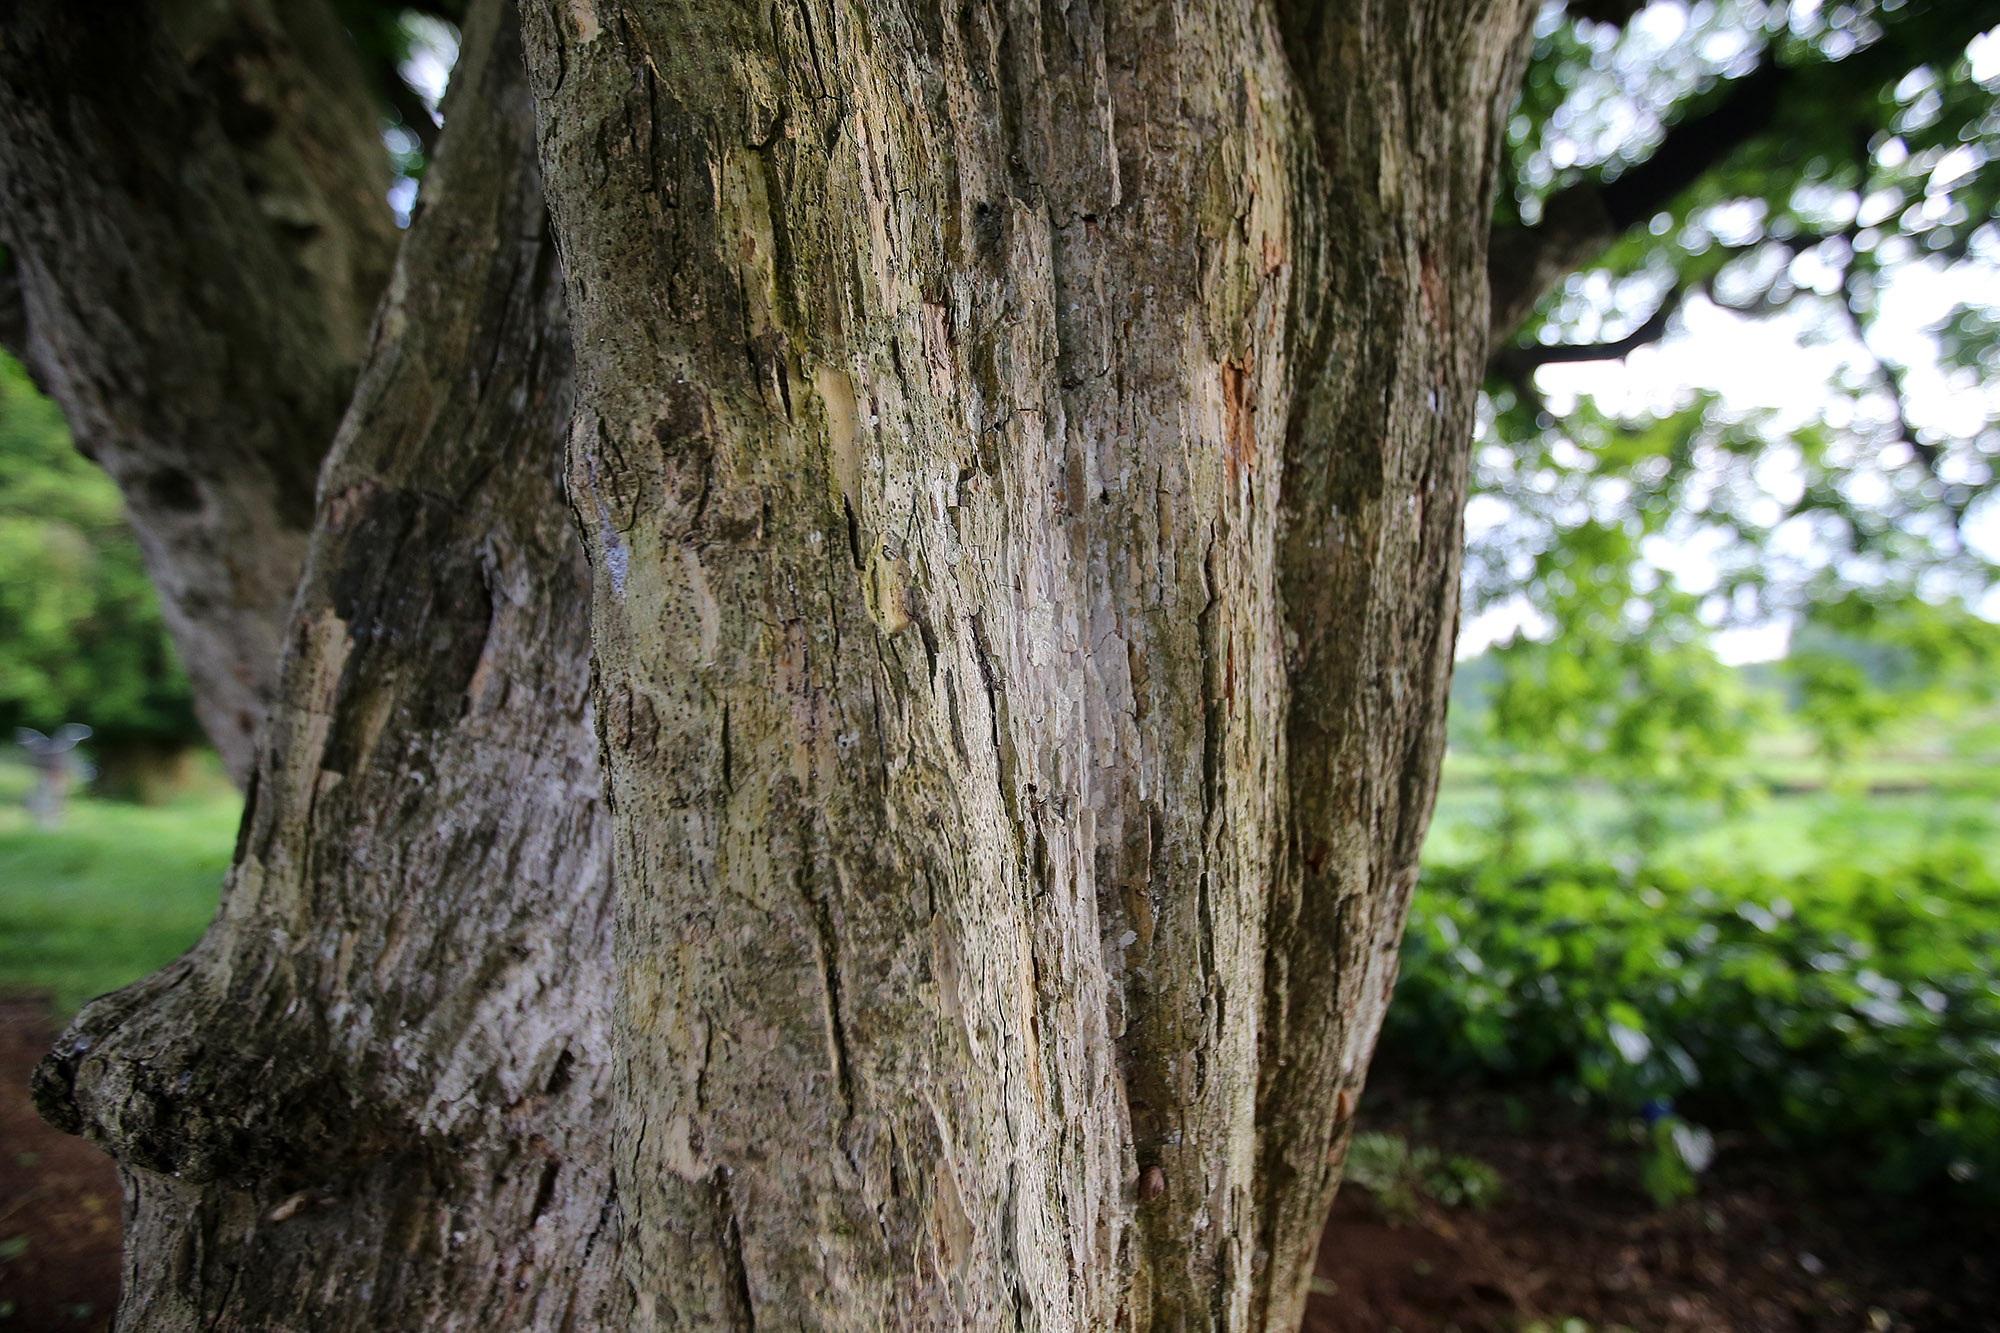 Rặng cây duối cổ hơn 1000 năm tuổi ở Hà Nội - 10